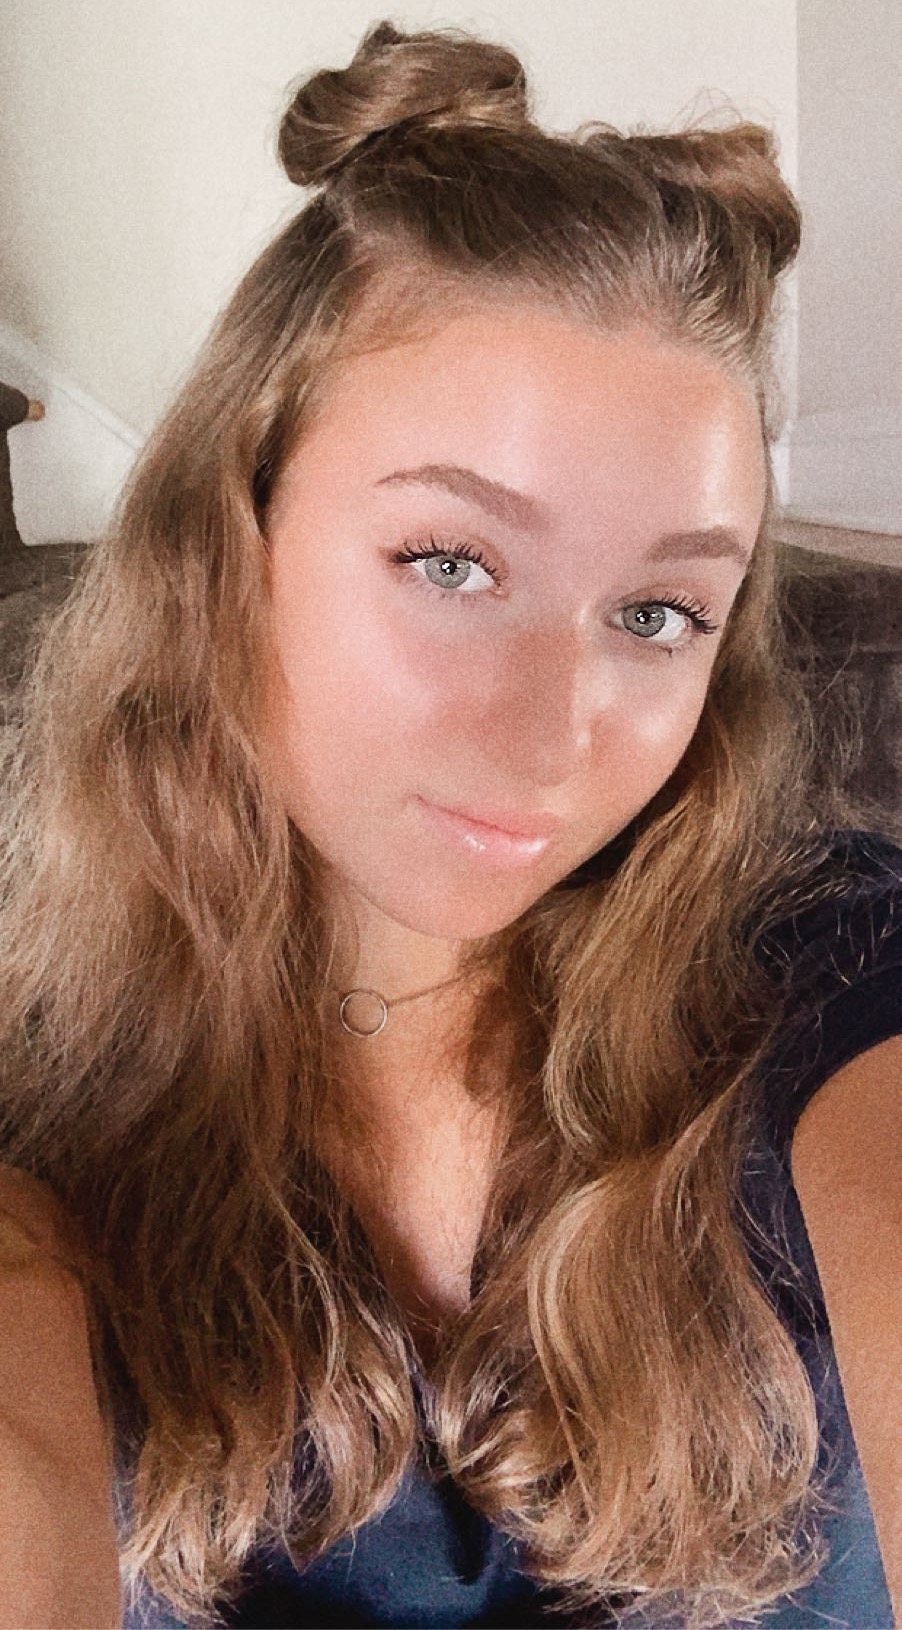 Muller jillian Jillian Smukler